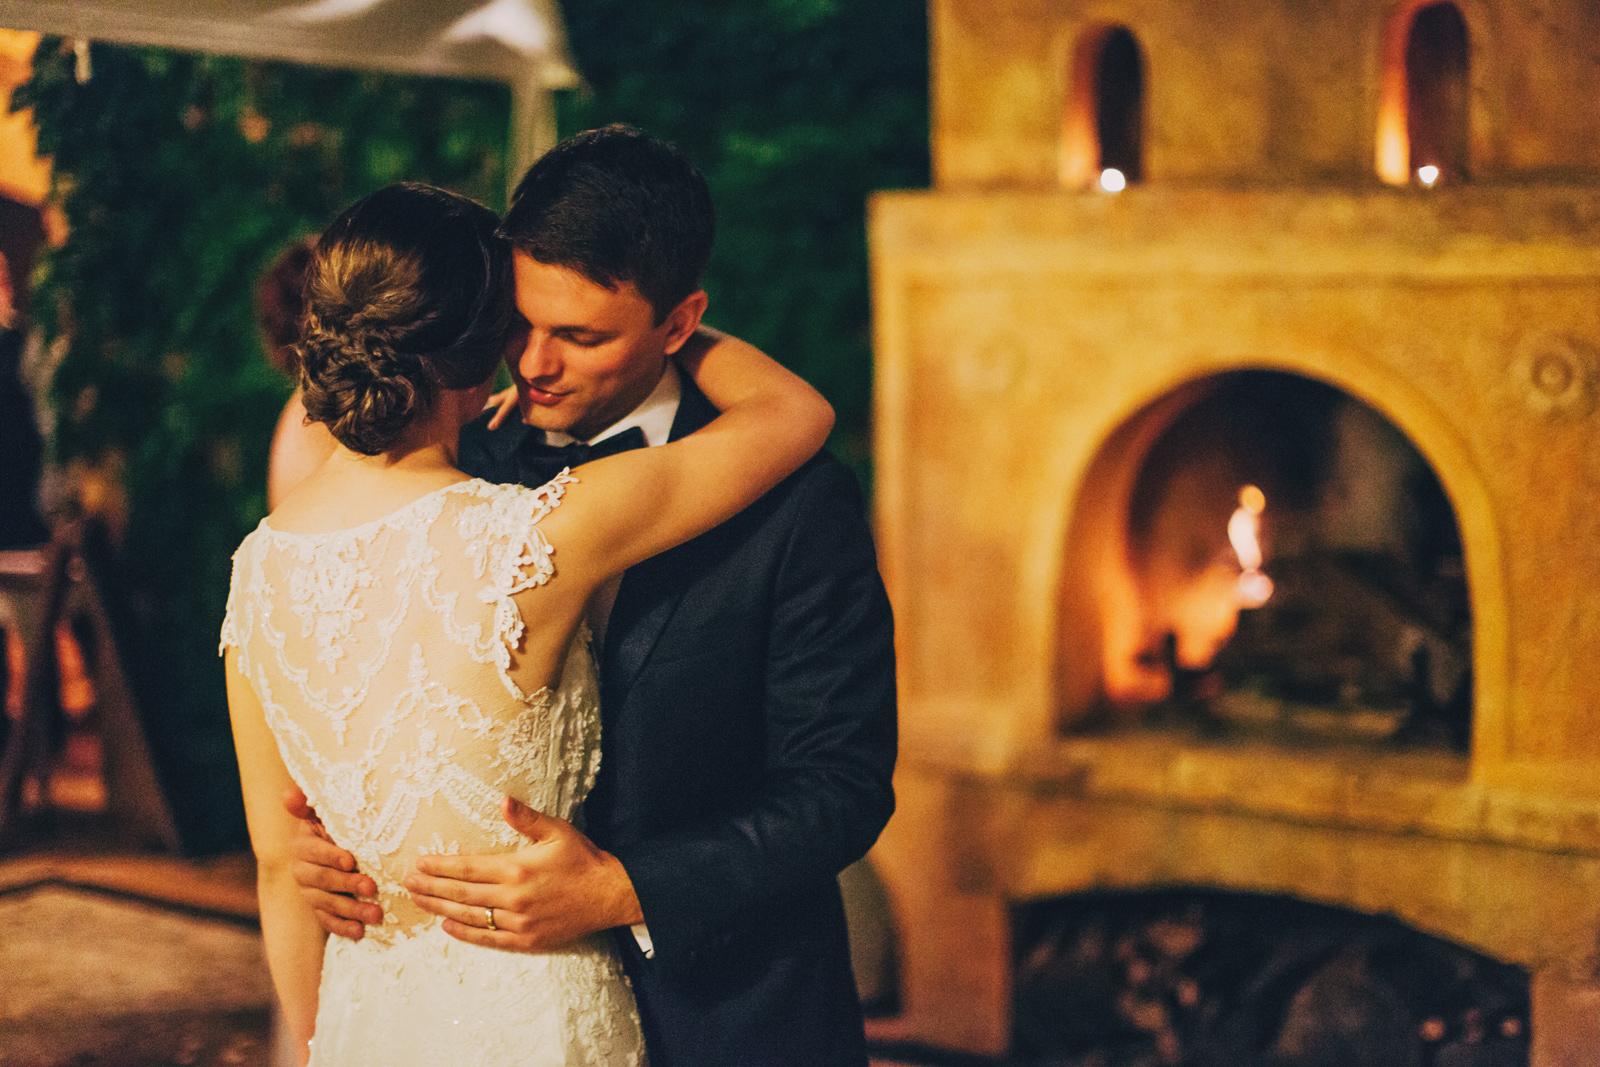 Hilary-&-Darren-Married---0858